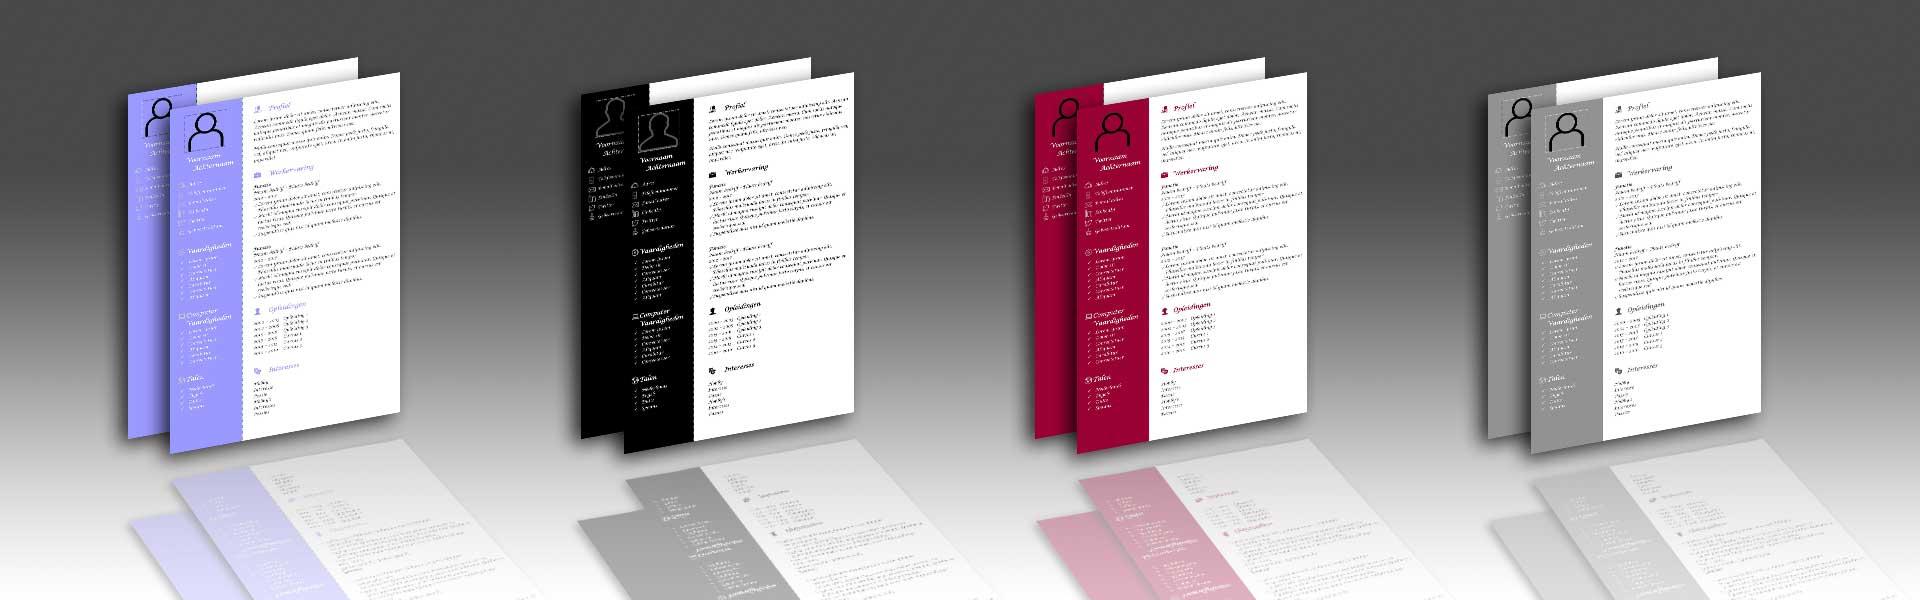 Cv en Solliciteren - Bowie Webdesign - Website op maat